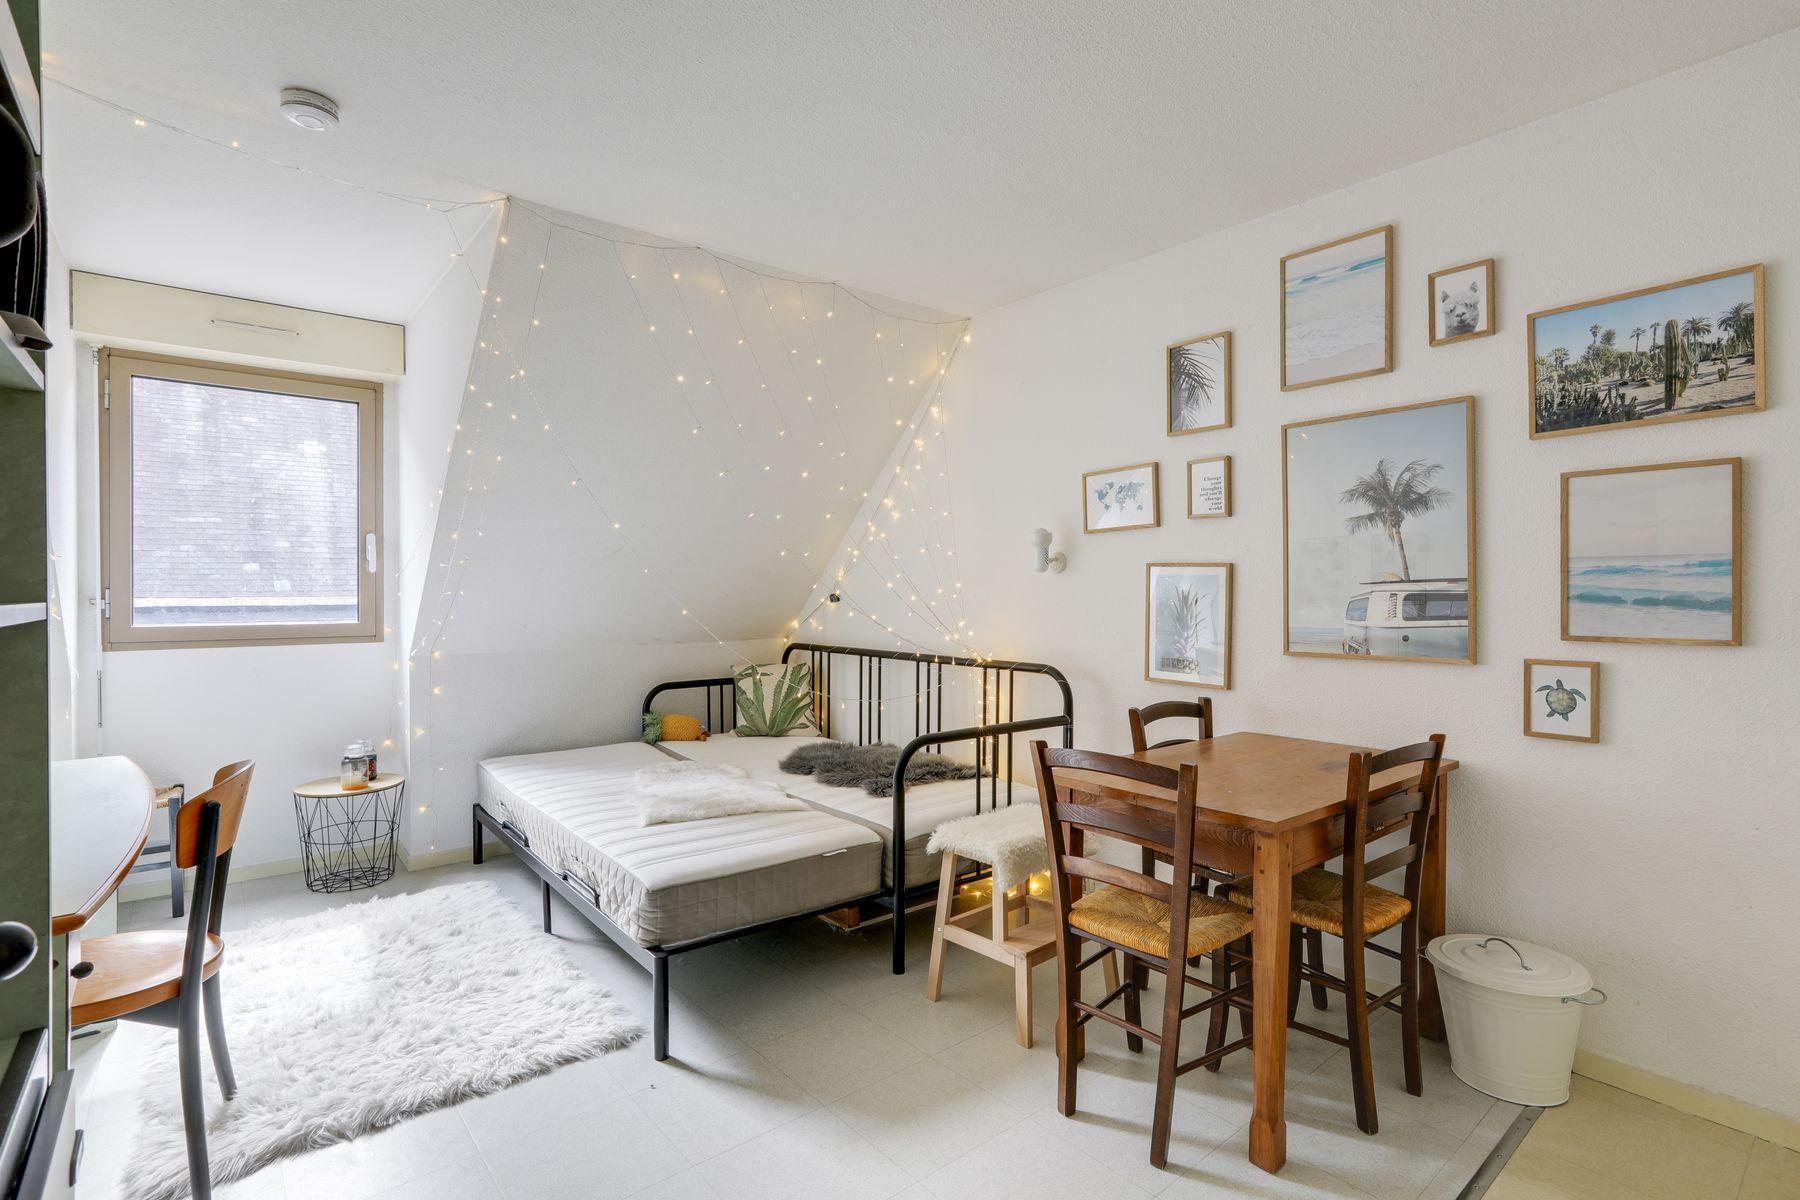 LOGIFAC résidence étudiante Corneille Rouen lit table